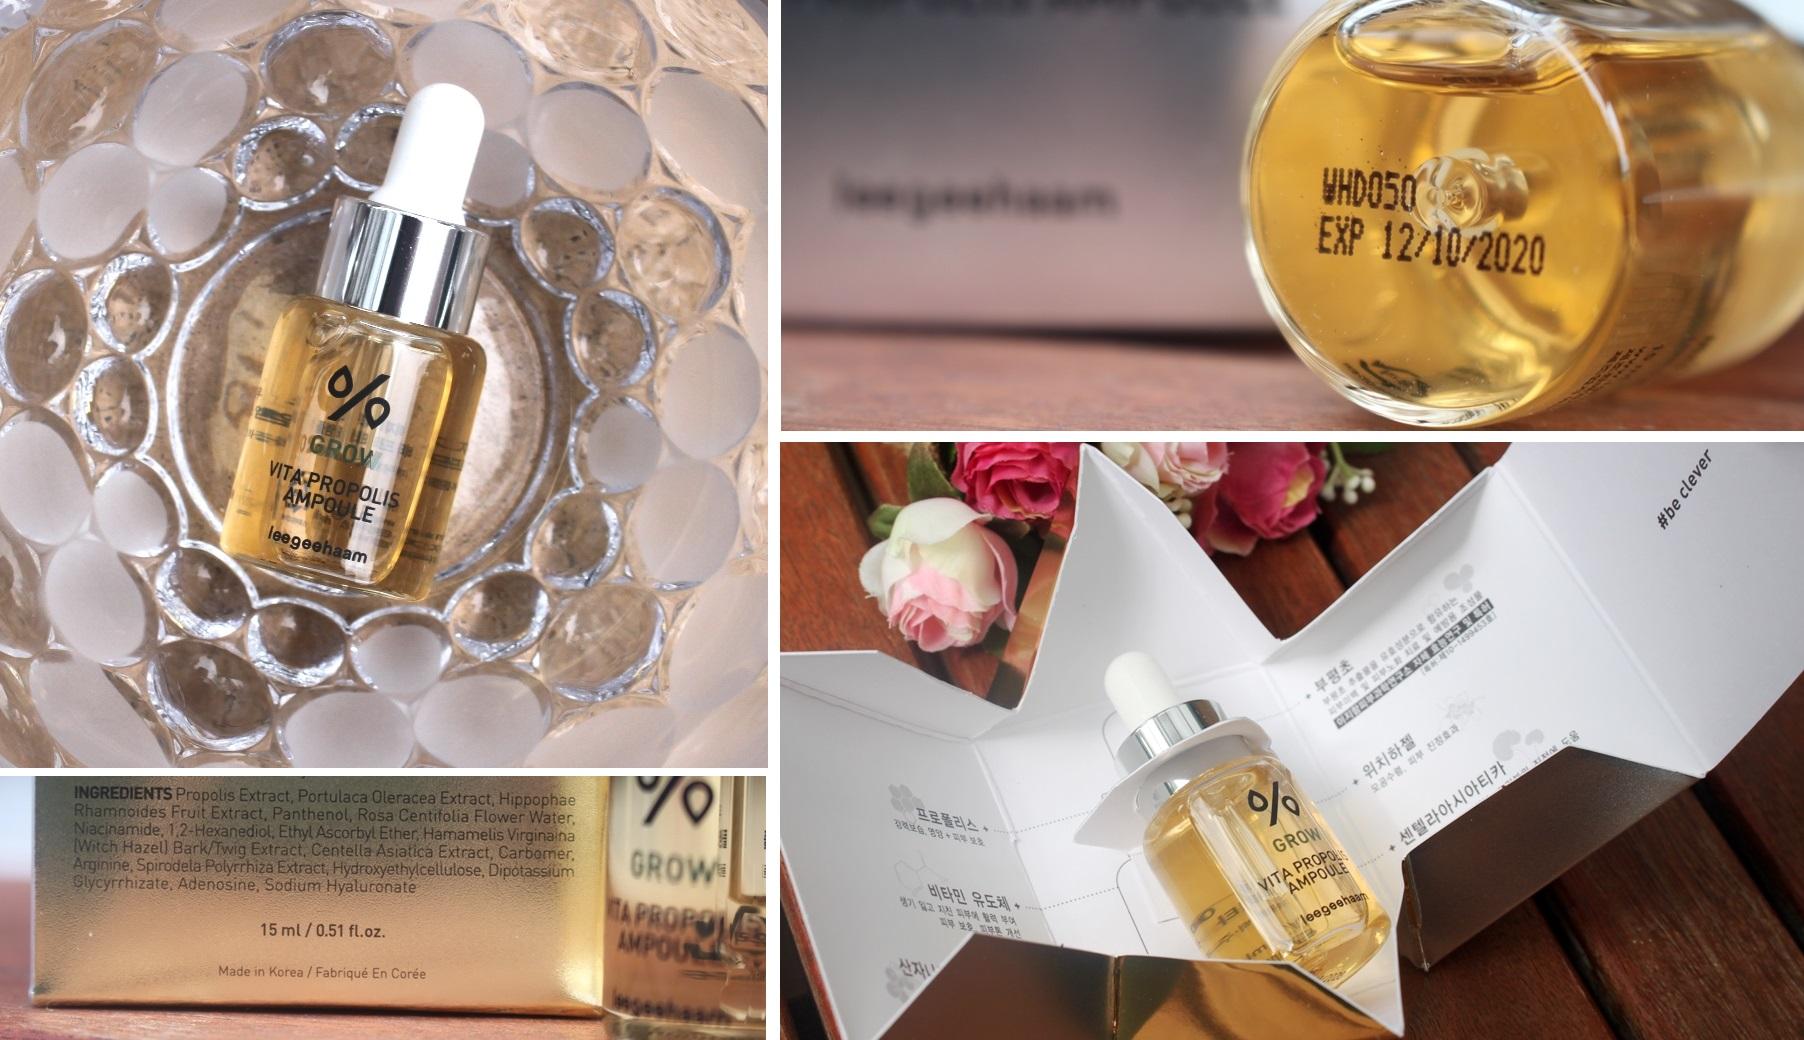 Leegeehaam Vita Propolis Ampoule - Packaging, Expiry and Ingredients